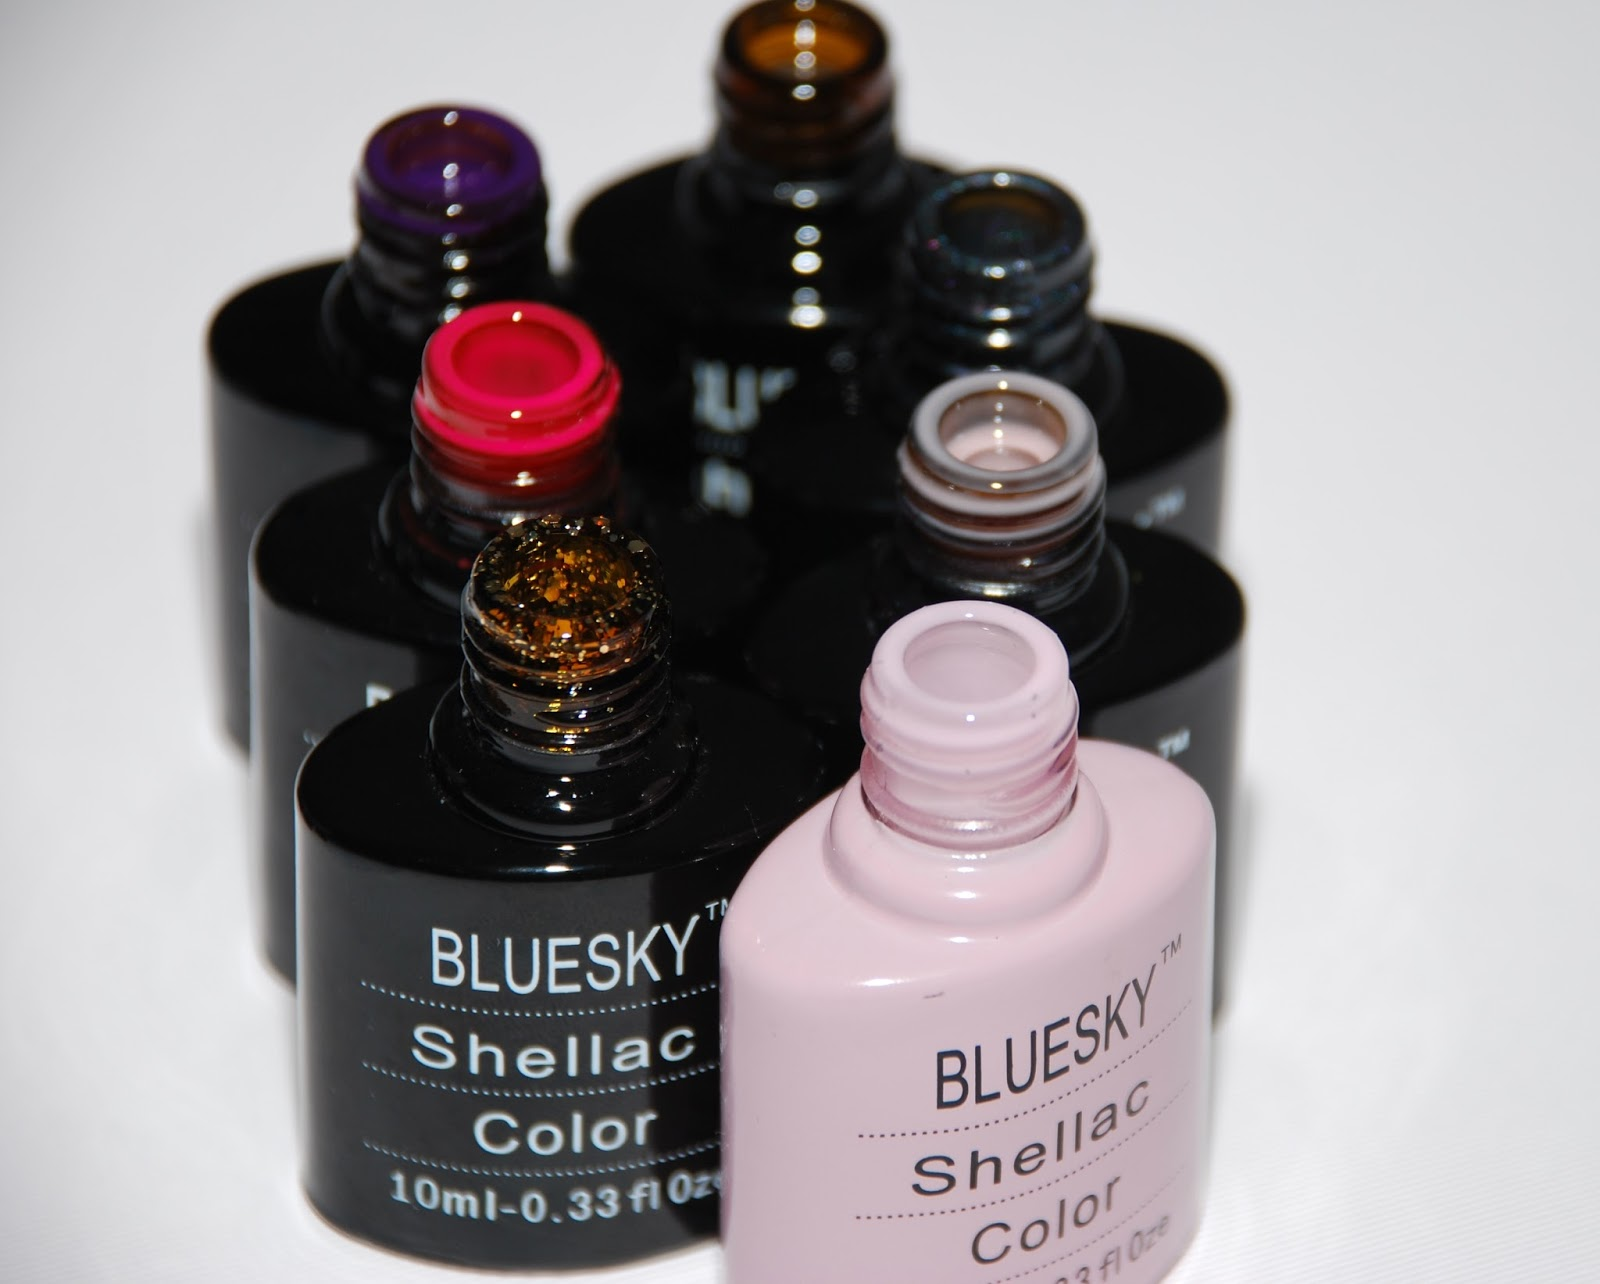 Bluesky Shellac Erfahrungen